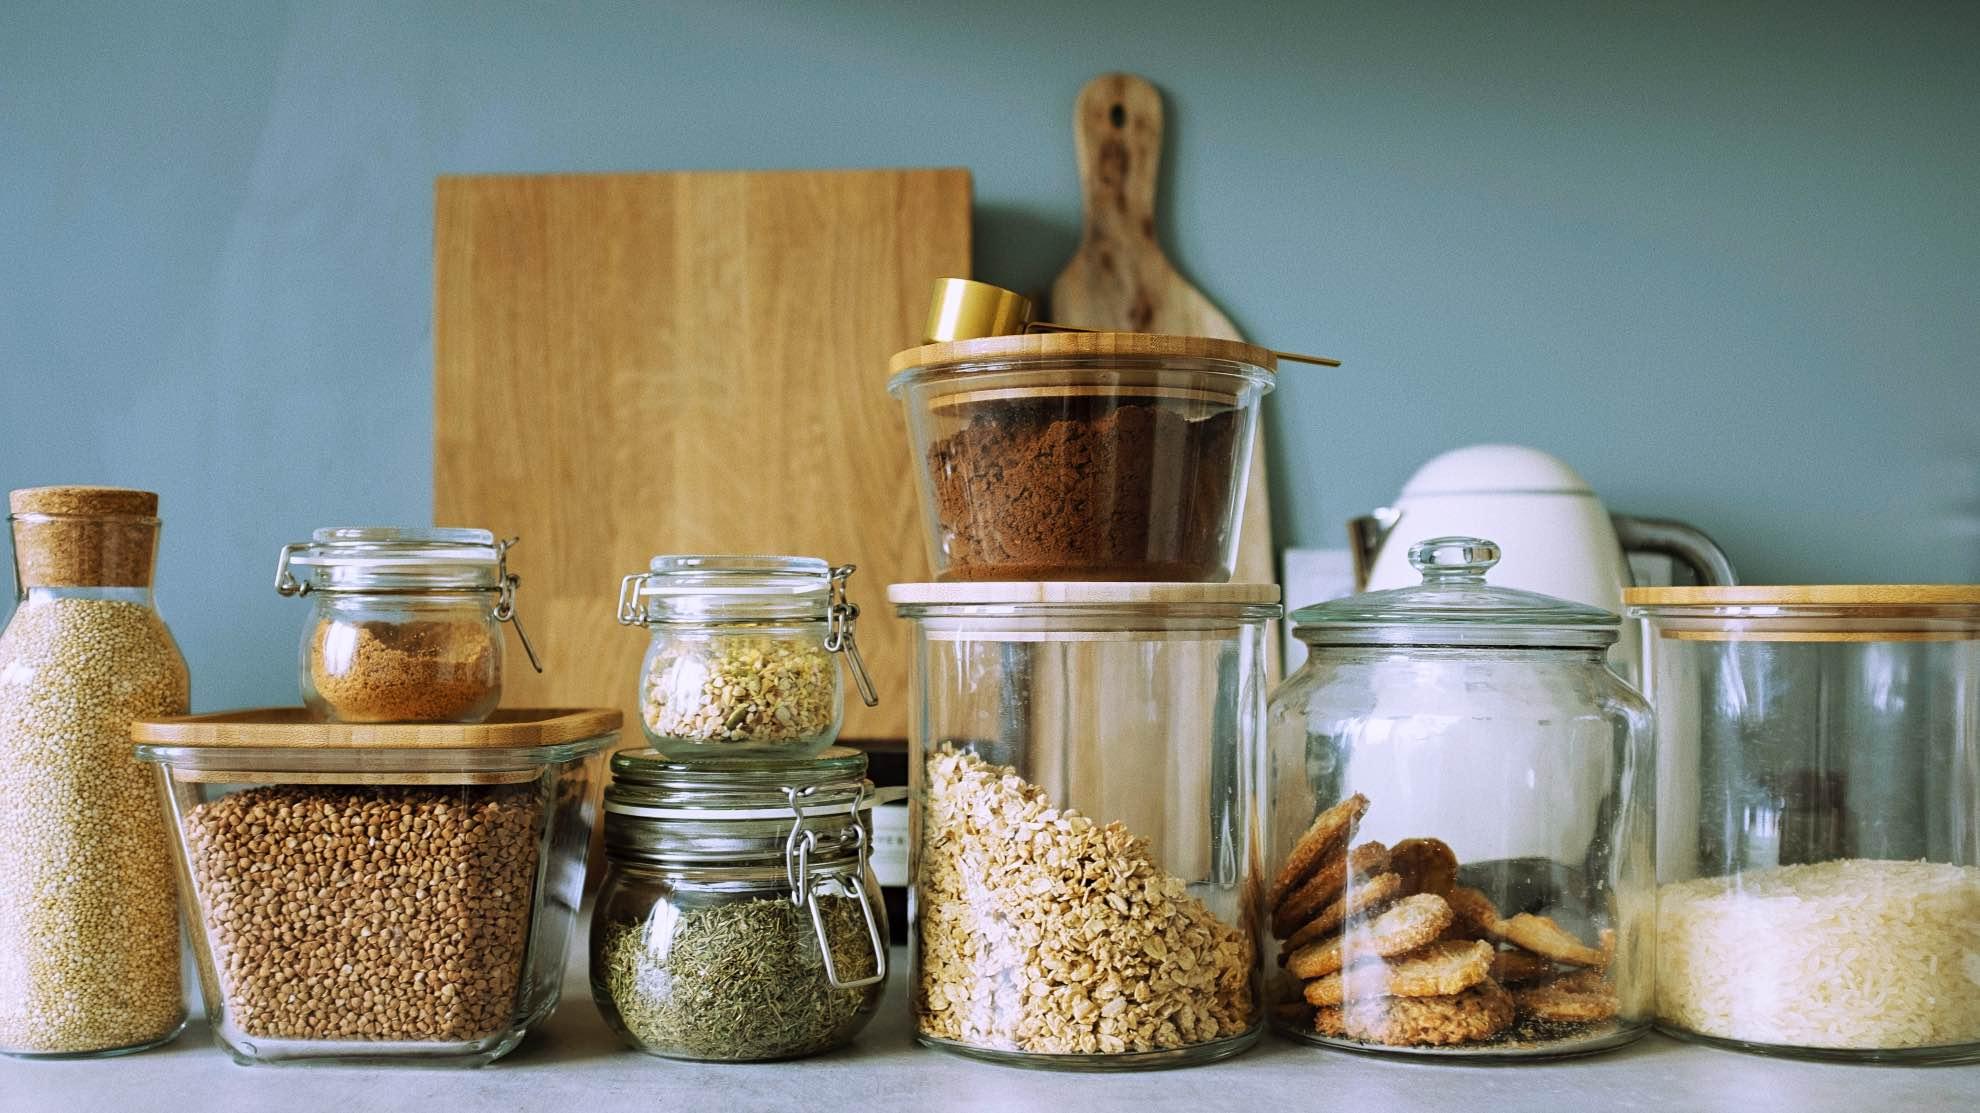 Ingredienti Gluten Free: come e cosa mangiare foto: ready-made pexels